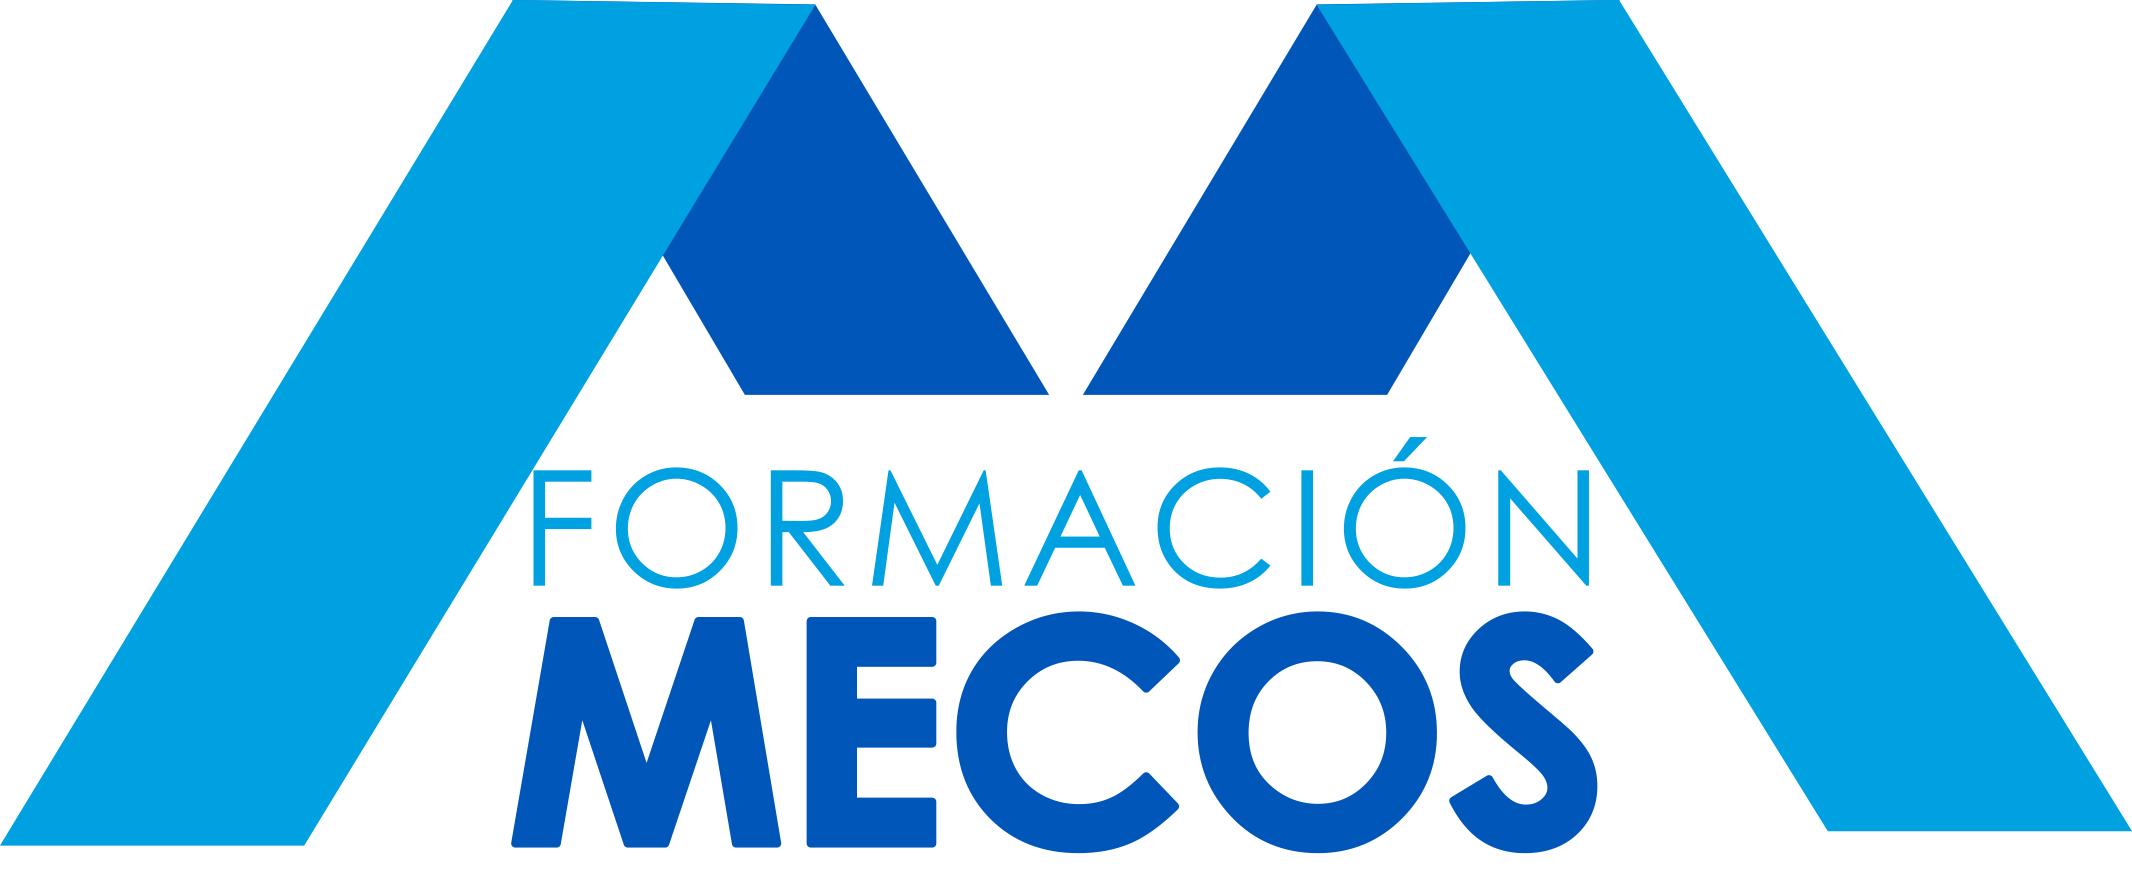 INDESIGN CS6 - Formación Mecos